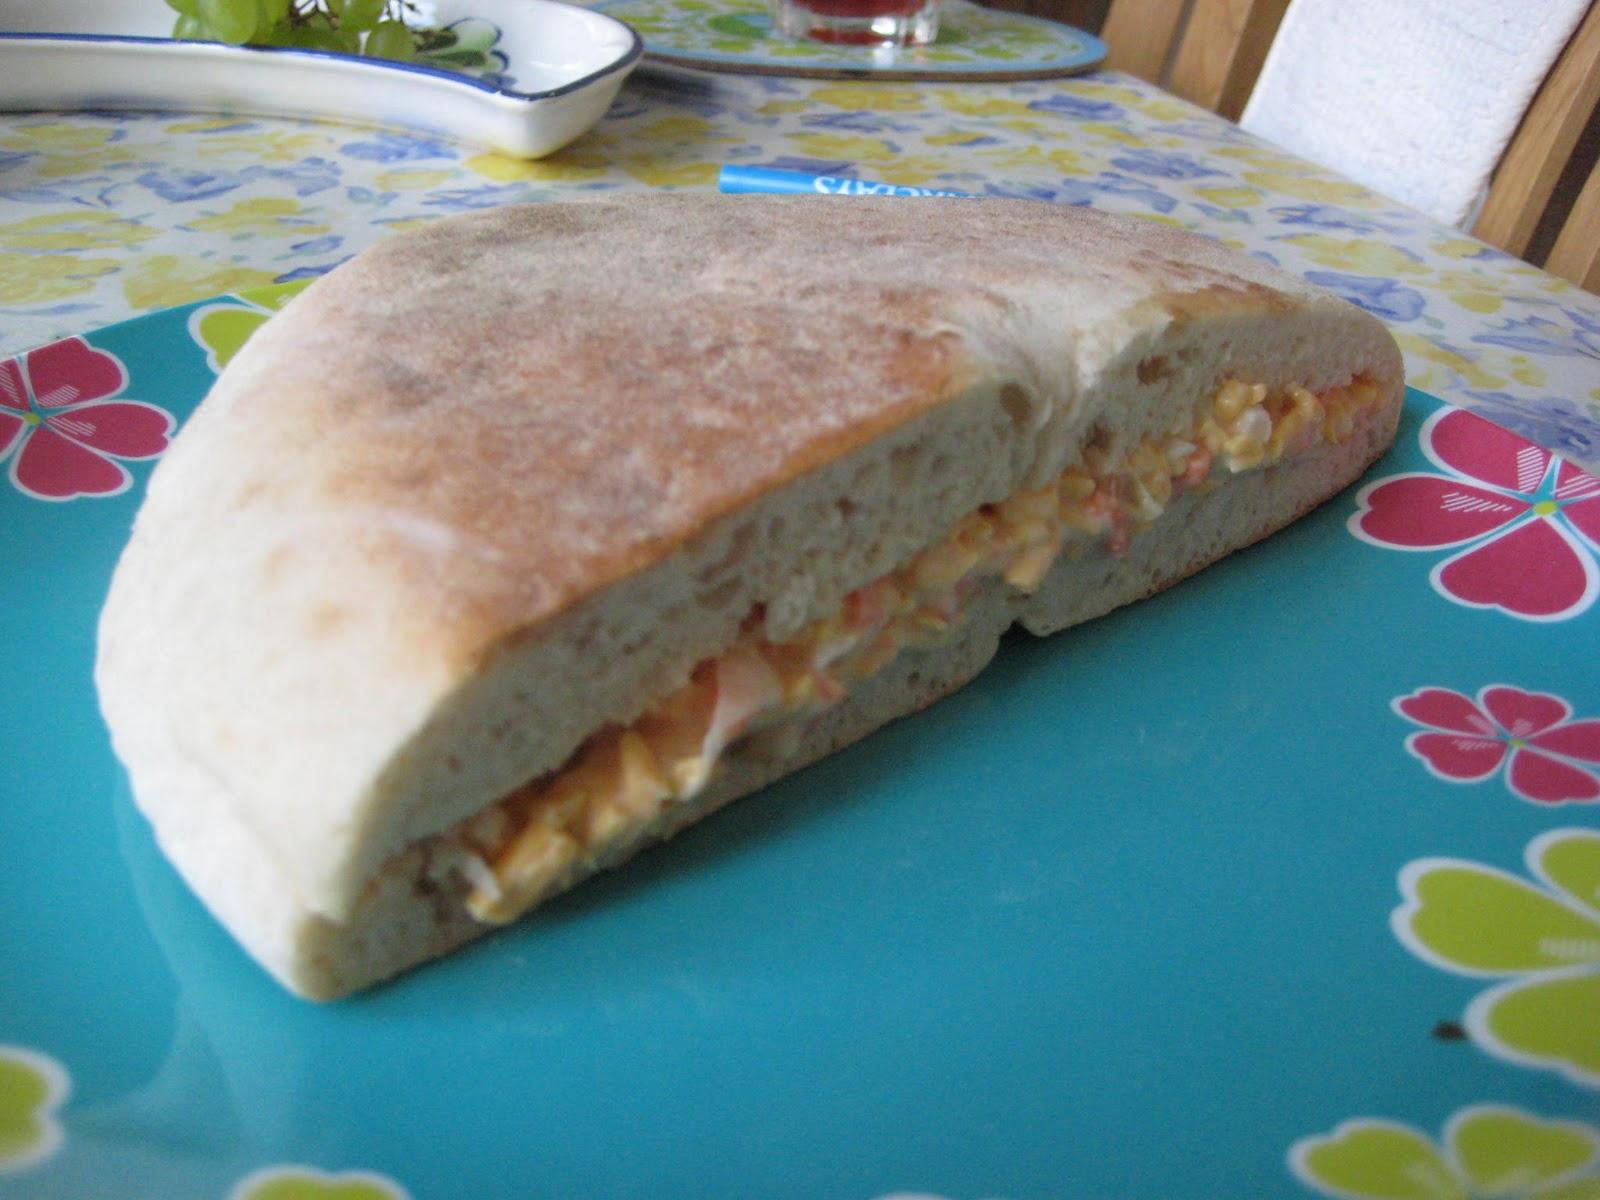 GourmetGorro: October 2011